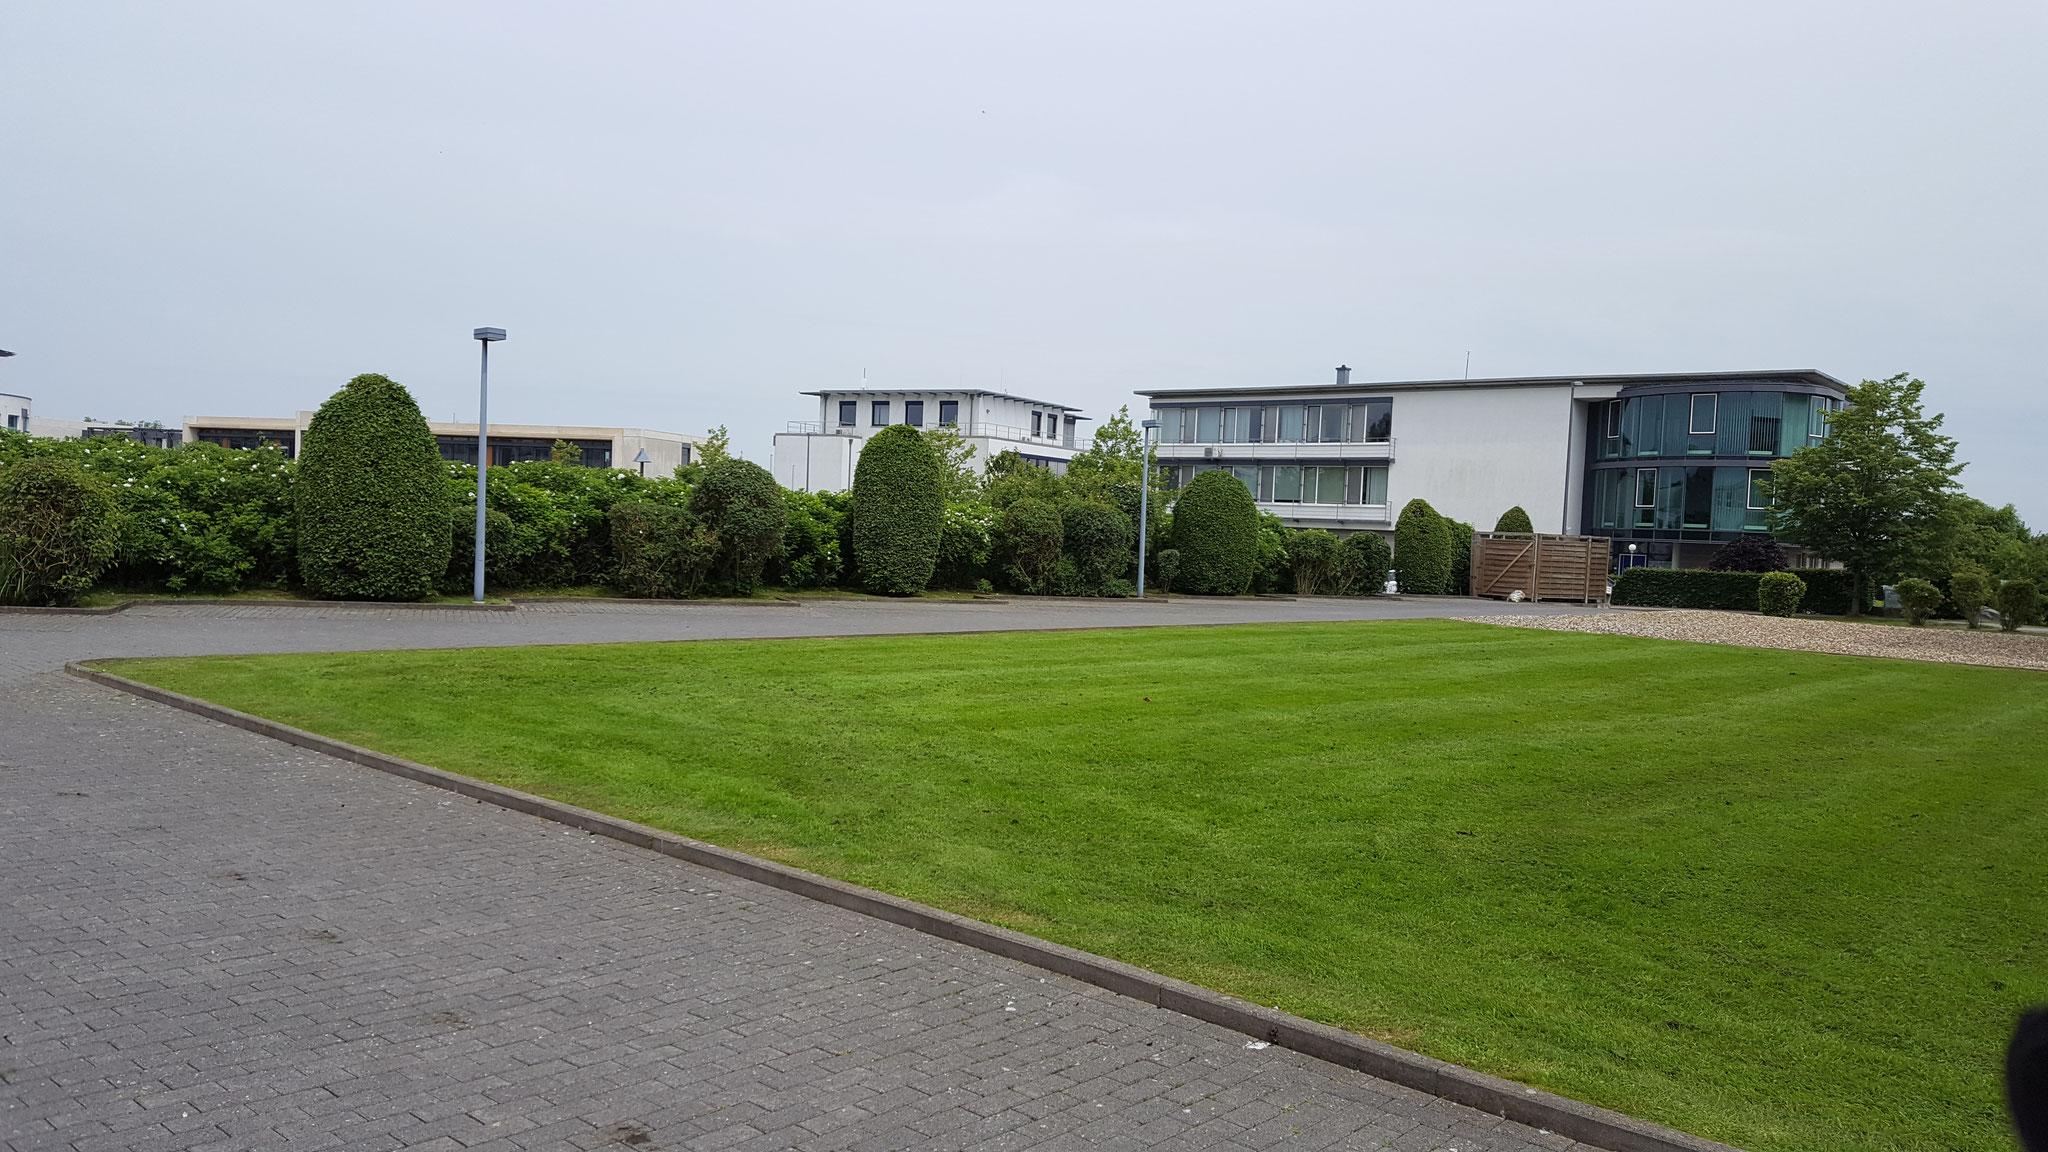 Das Bild zeigt eine gepflegte Außengrünanlage betreut von Gartenpflege Aachen